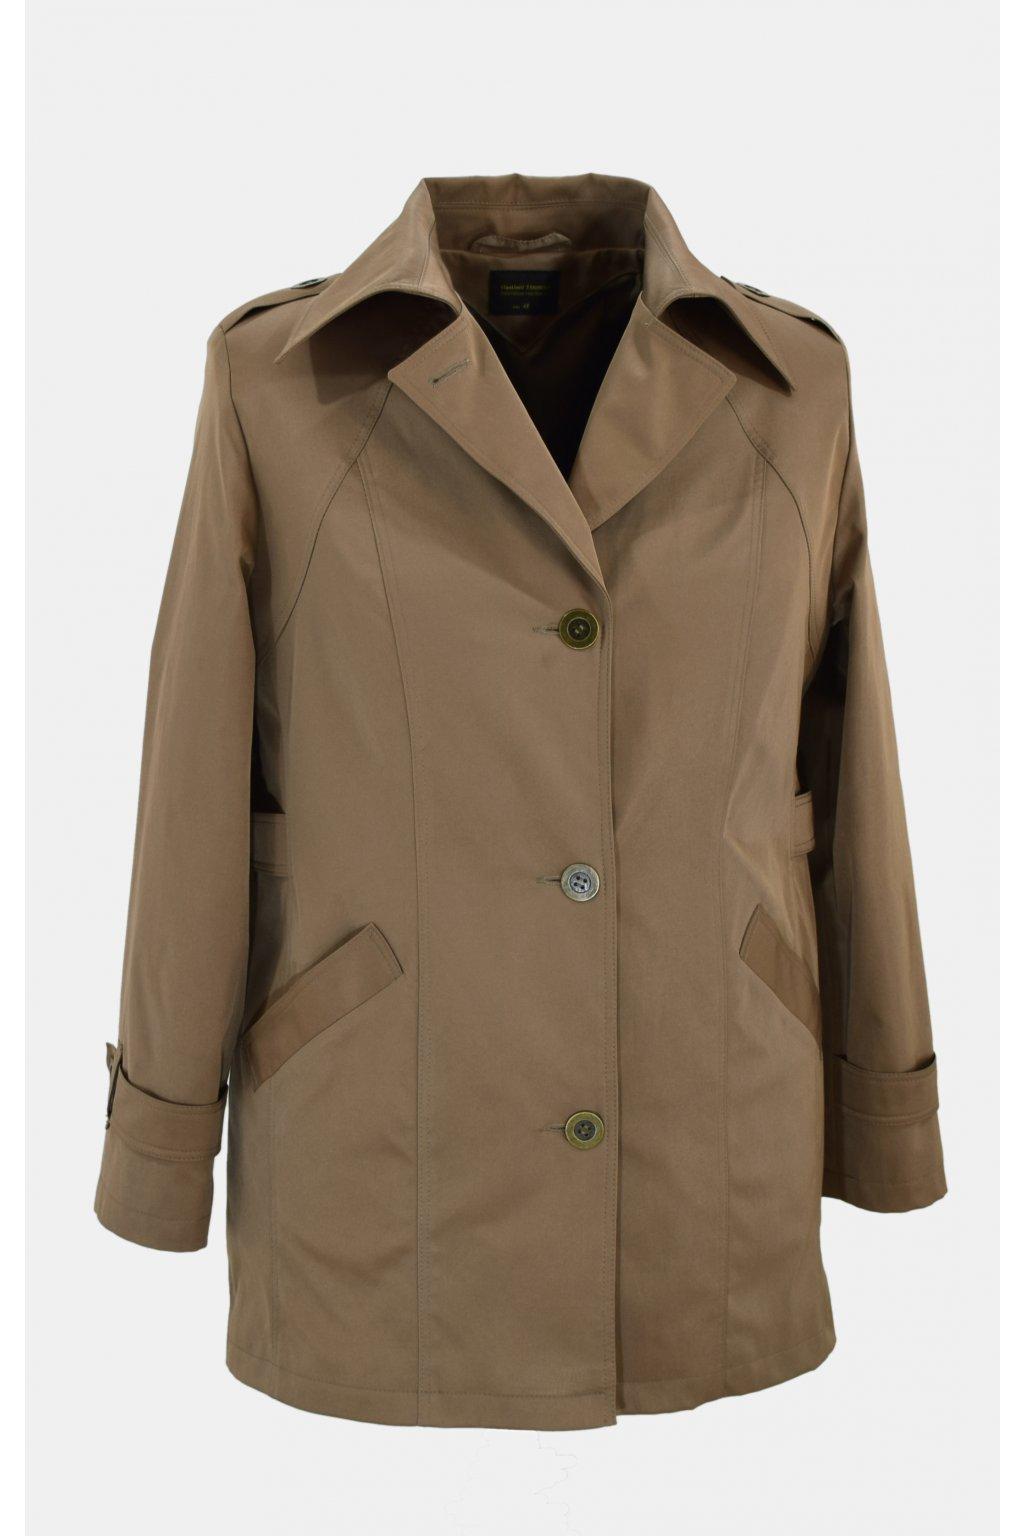 Dámský tmavě béžový jarní kabátek Klára nadměrné velikosti.